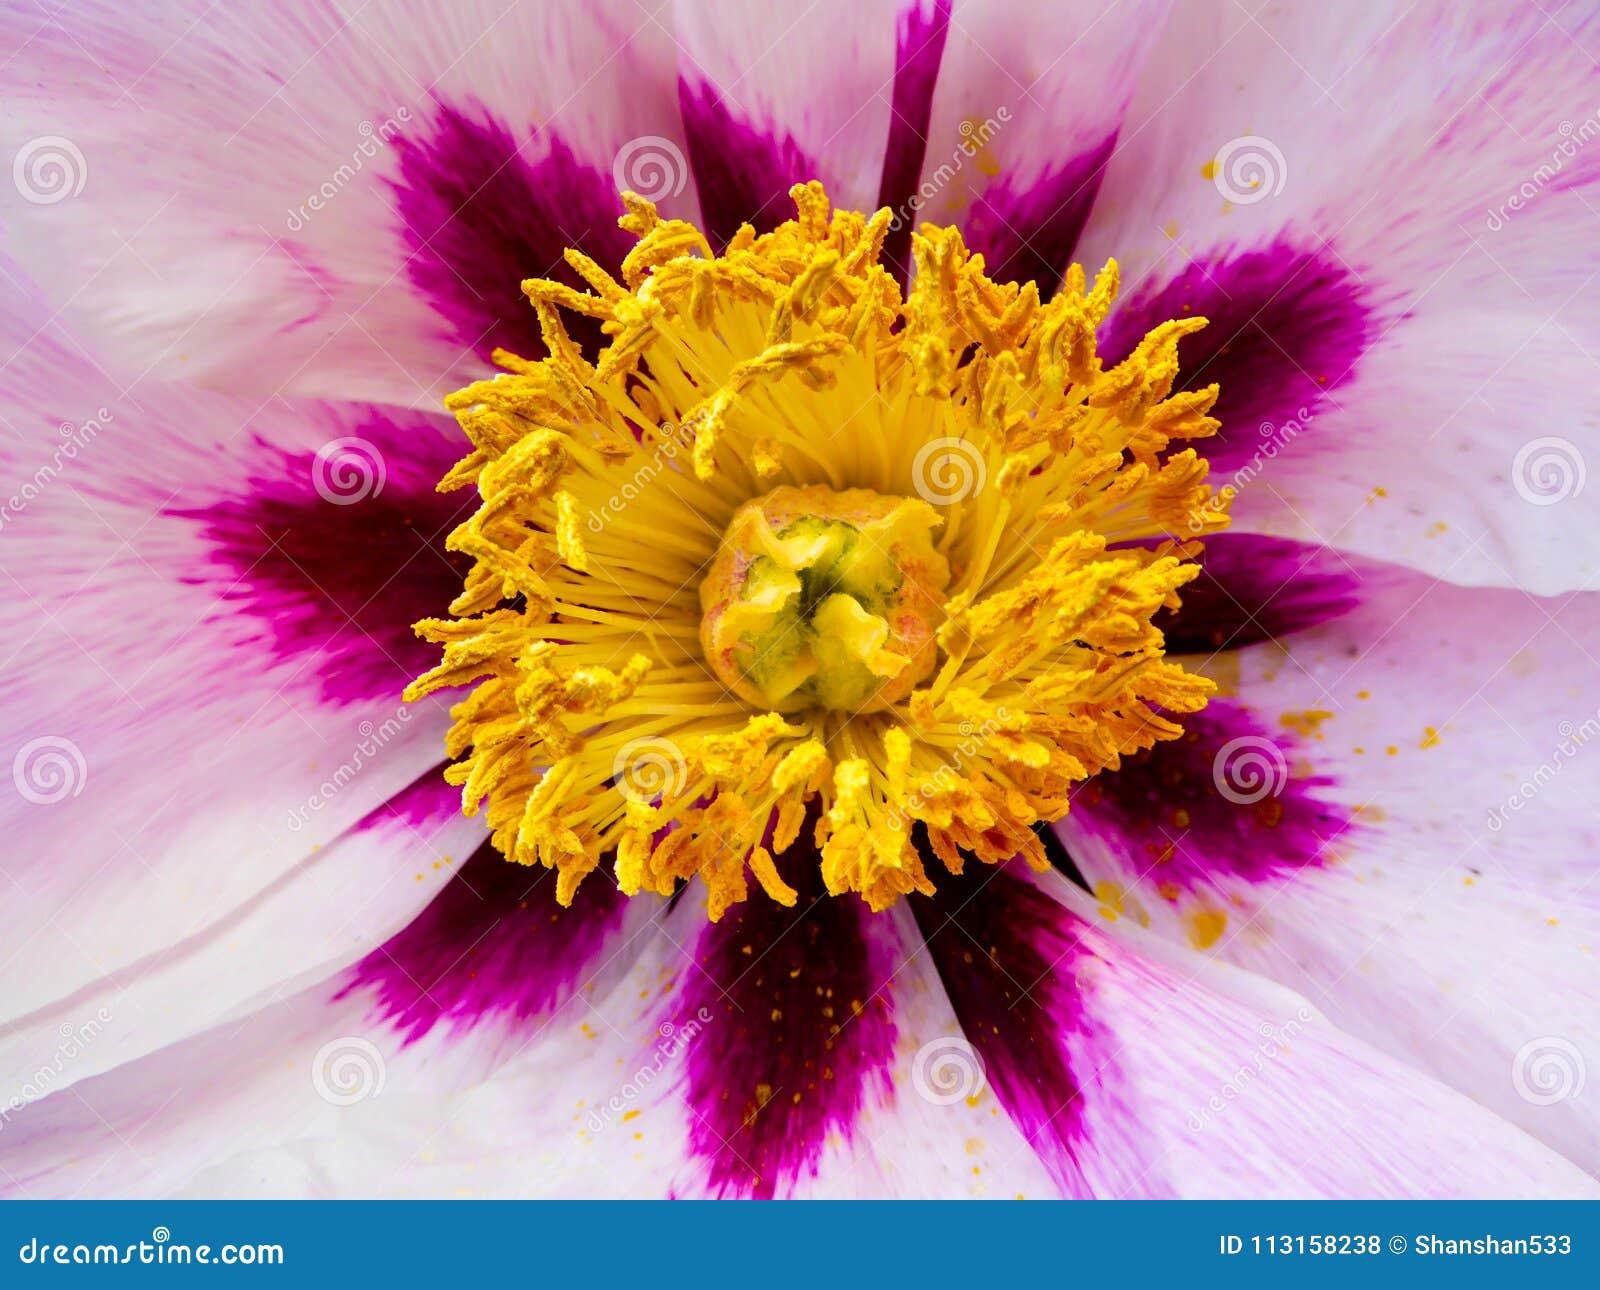 Pink Peony flower petal blooming